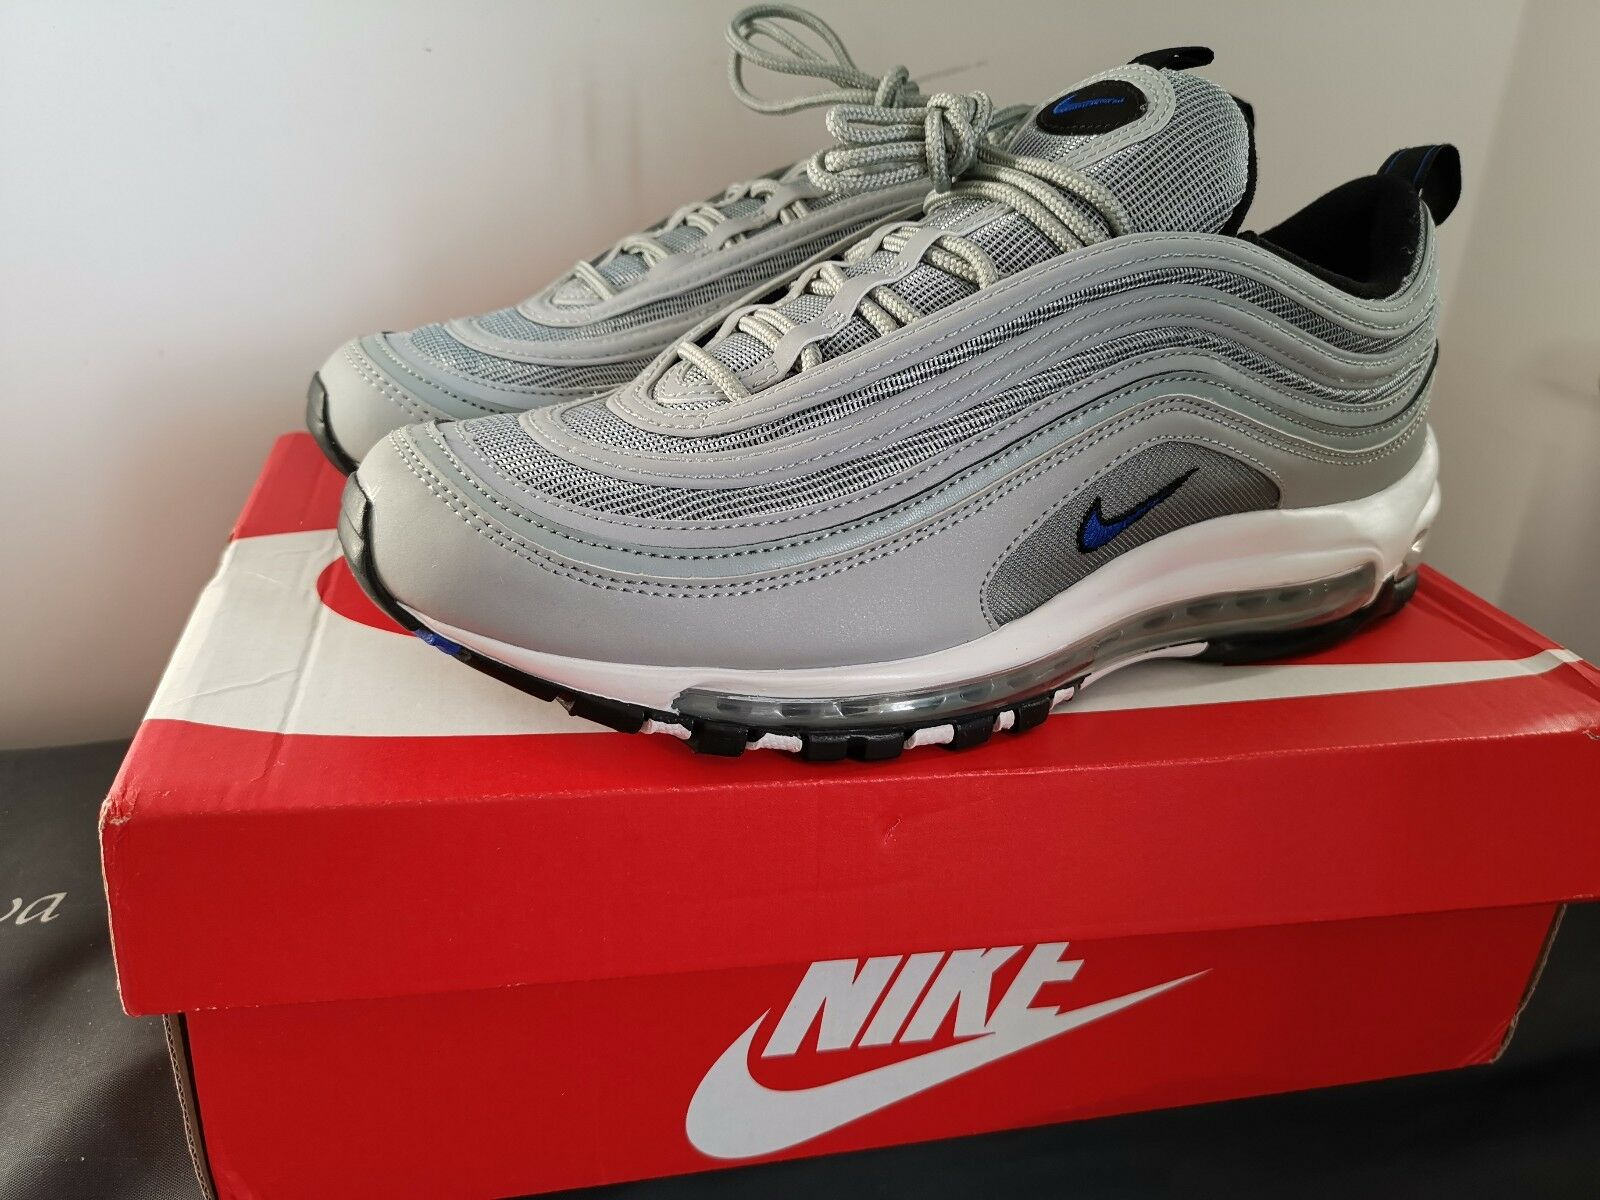 info for ea516 99930 Nike Air Max 97 US 10 44 AQ7331 001 argent argent argent gris bleu reflet 3  m blanc cassé 26c221